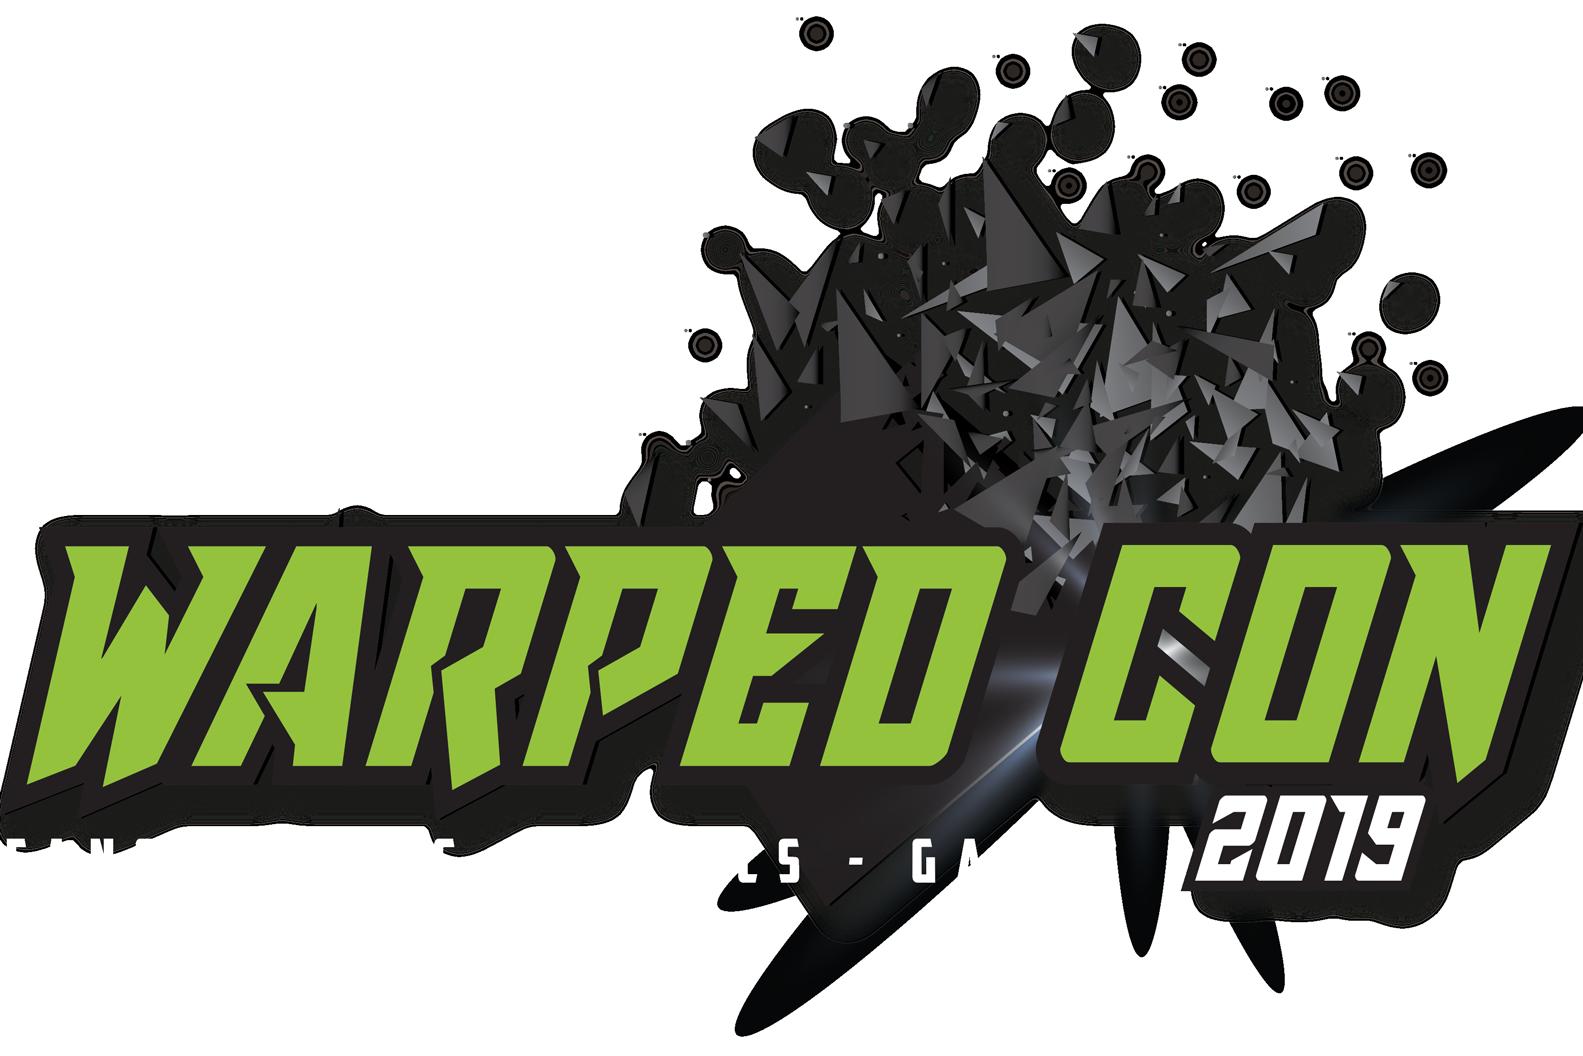 Large Warped Con logo